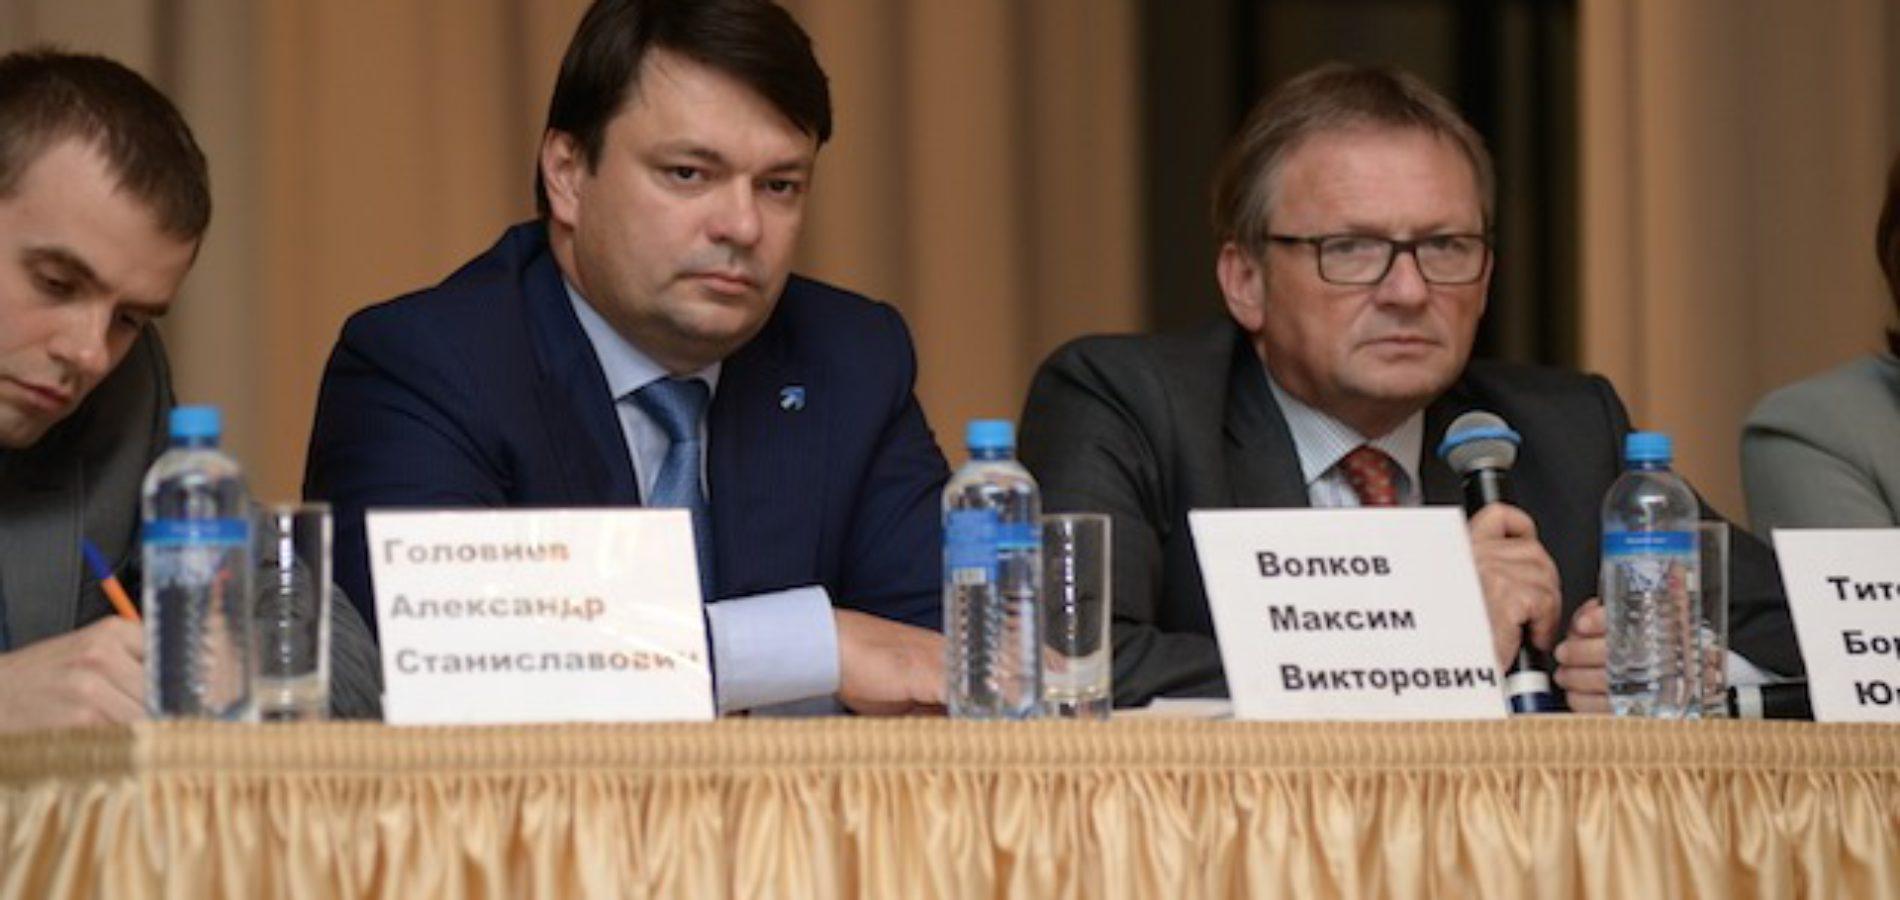 Борис Титов: «НДФЛ надо платить по месту жительства»